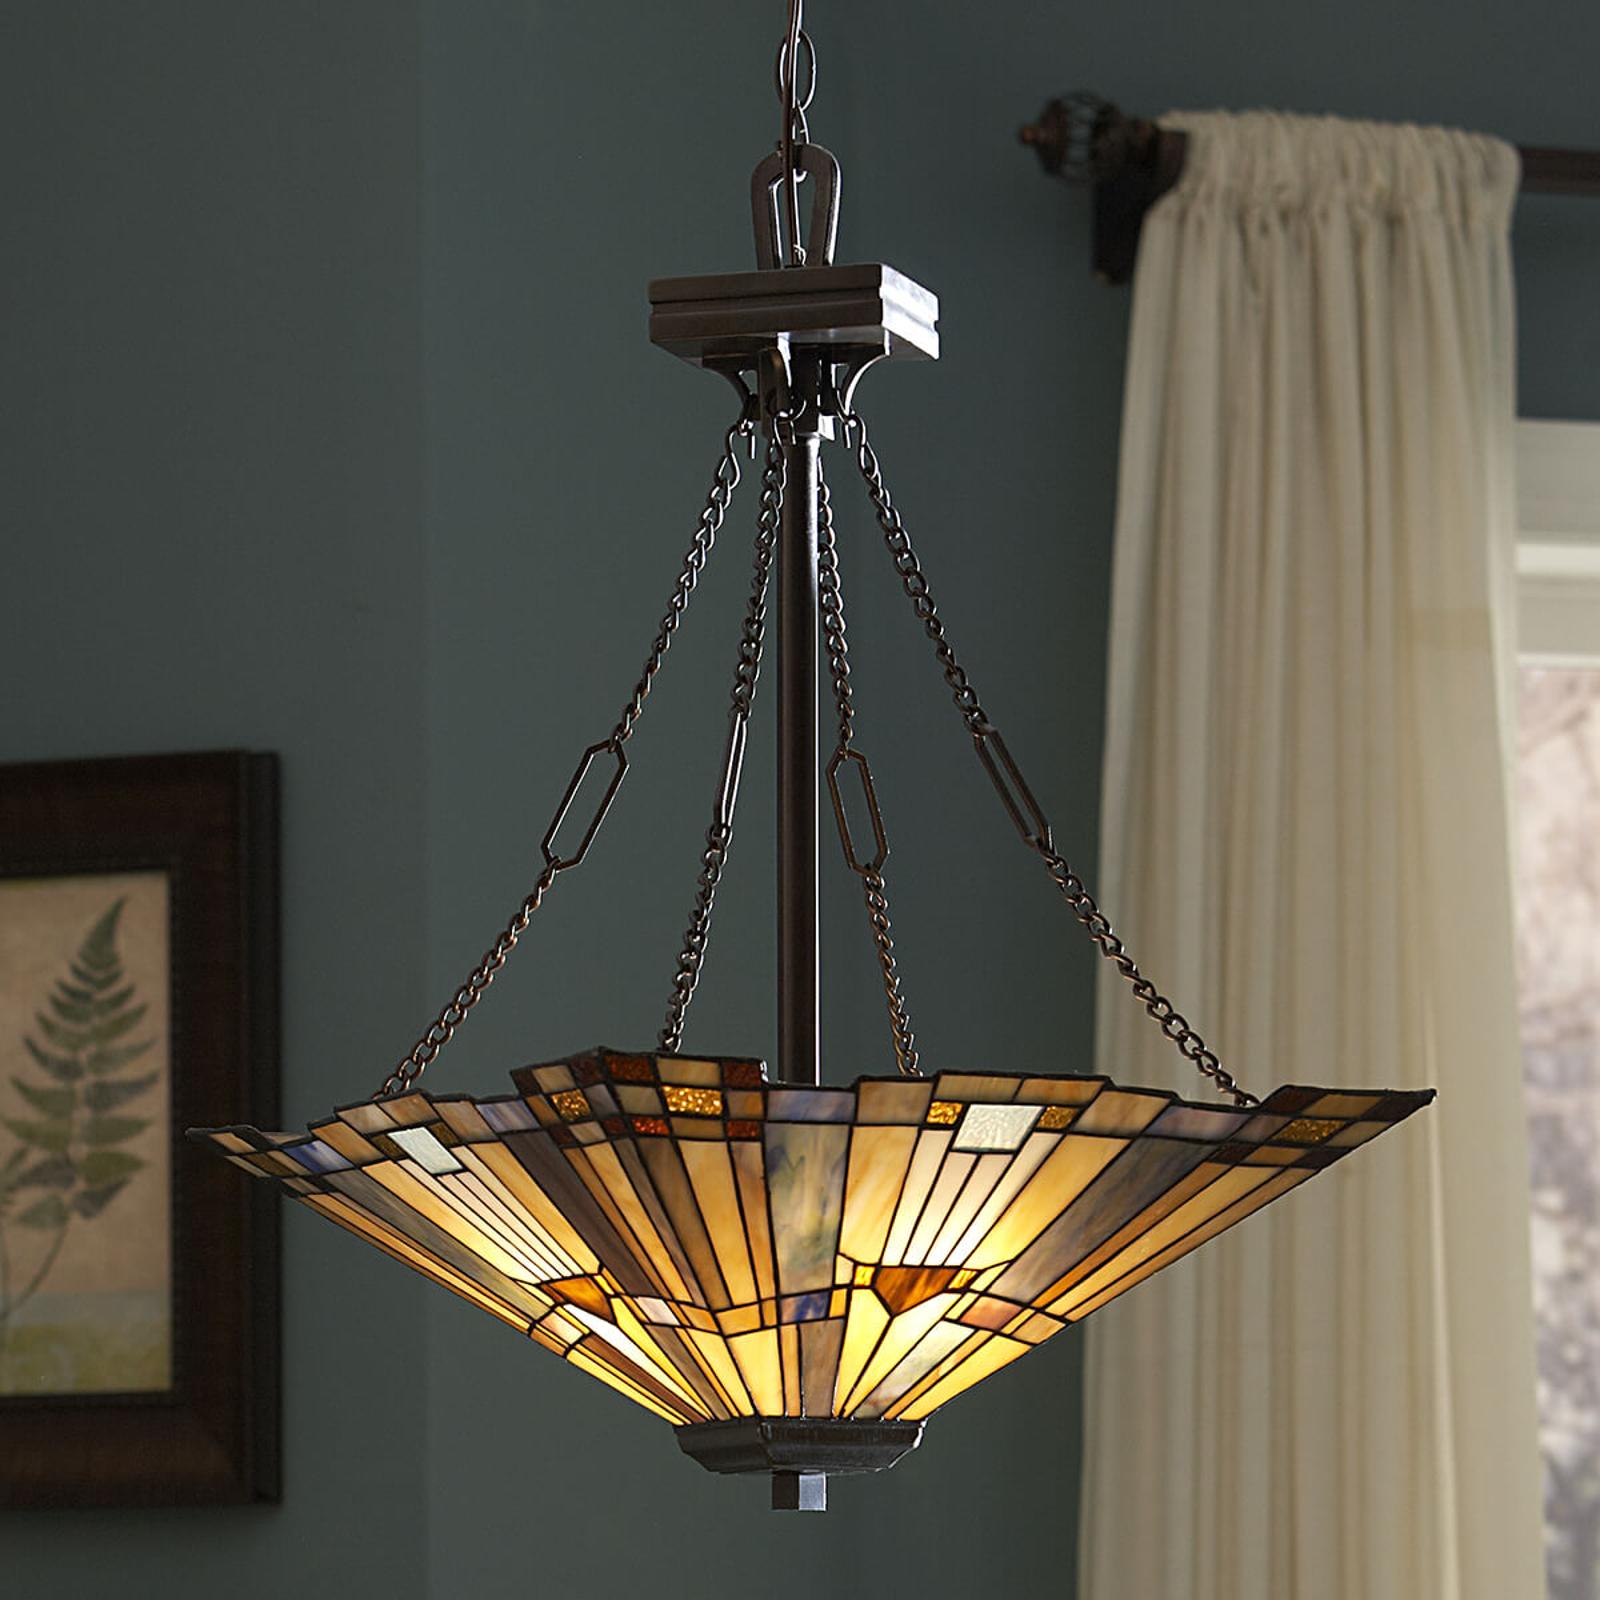 Závesná lampa Inglenook s farebným sklom, D 45 cm_3048346_1